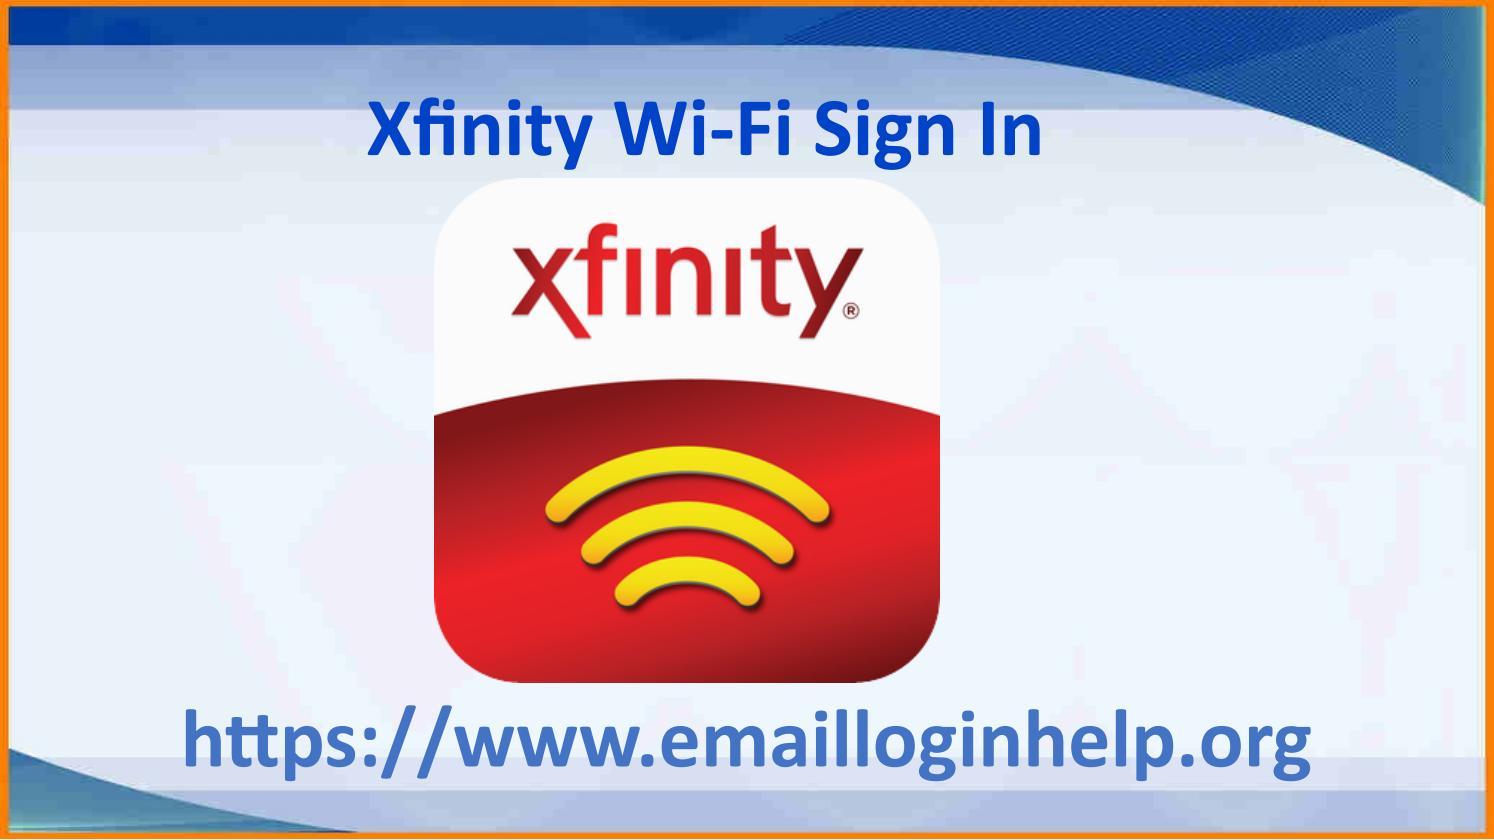 Xfinity Wifi Sign In >> Xfinity Wifi Sign In By Techsupport Issuu